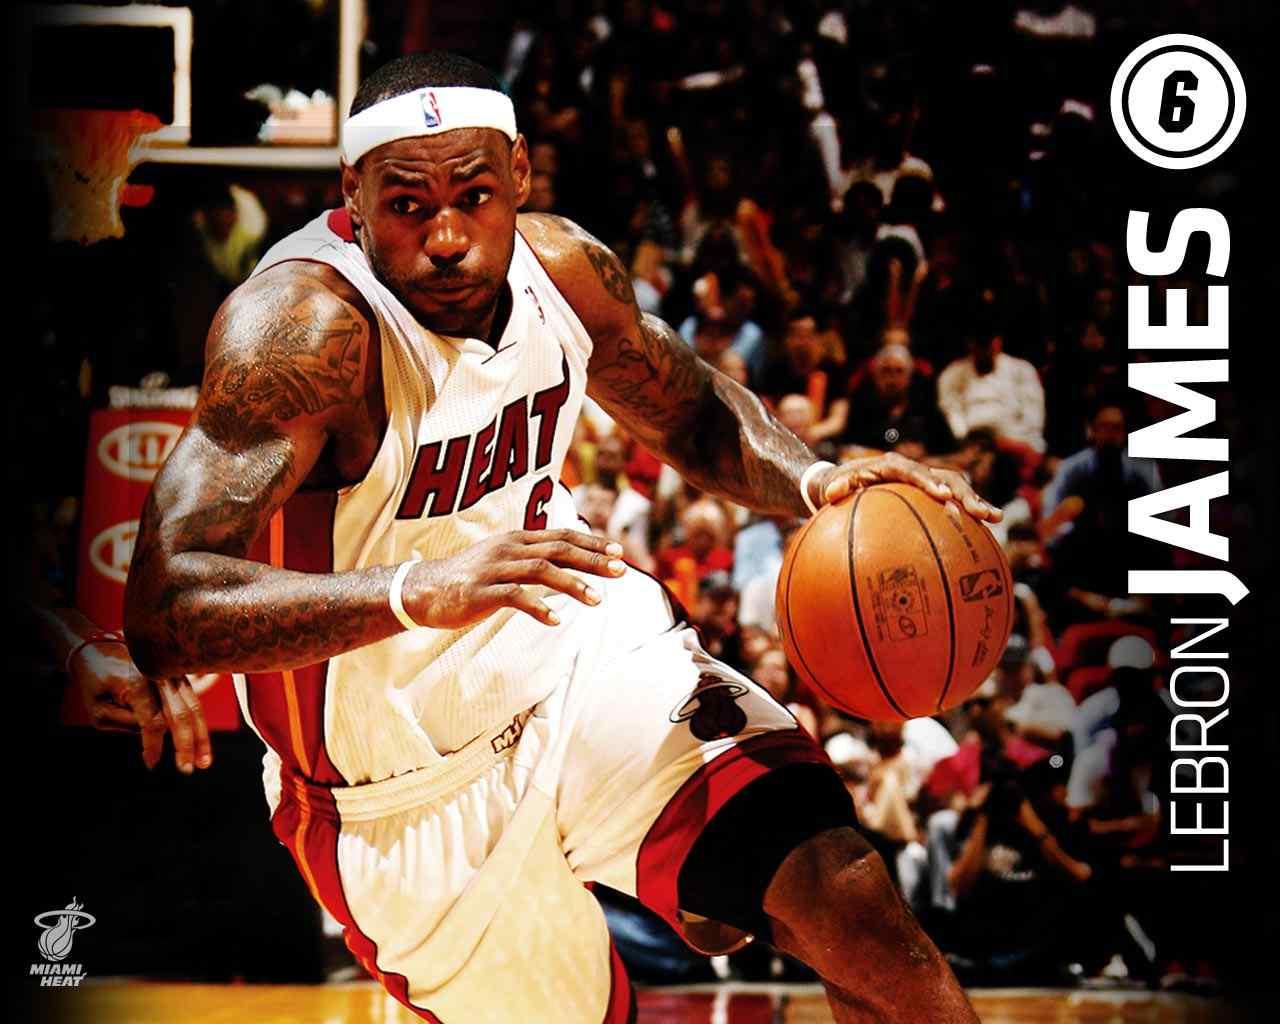 勒布朗詹姆斯 篮球巨星詹姆斯壁纸 詹姆斯图片